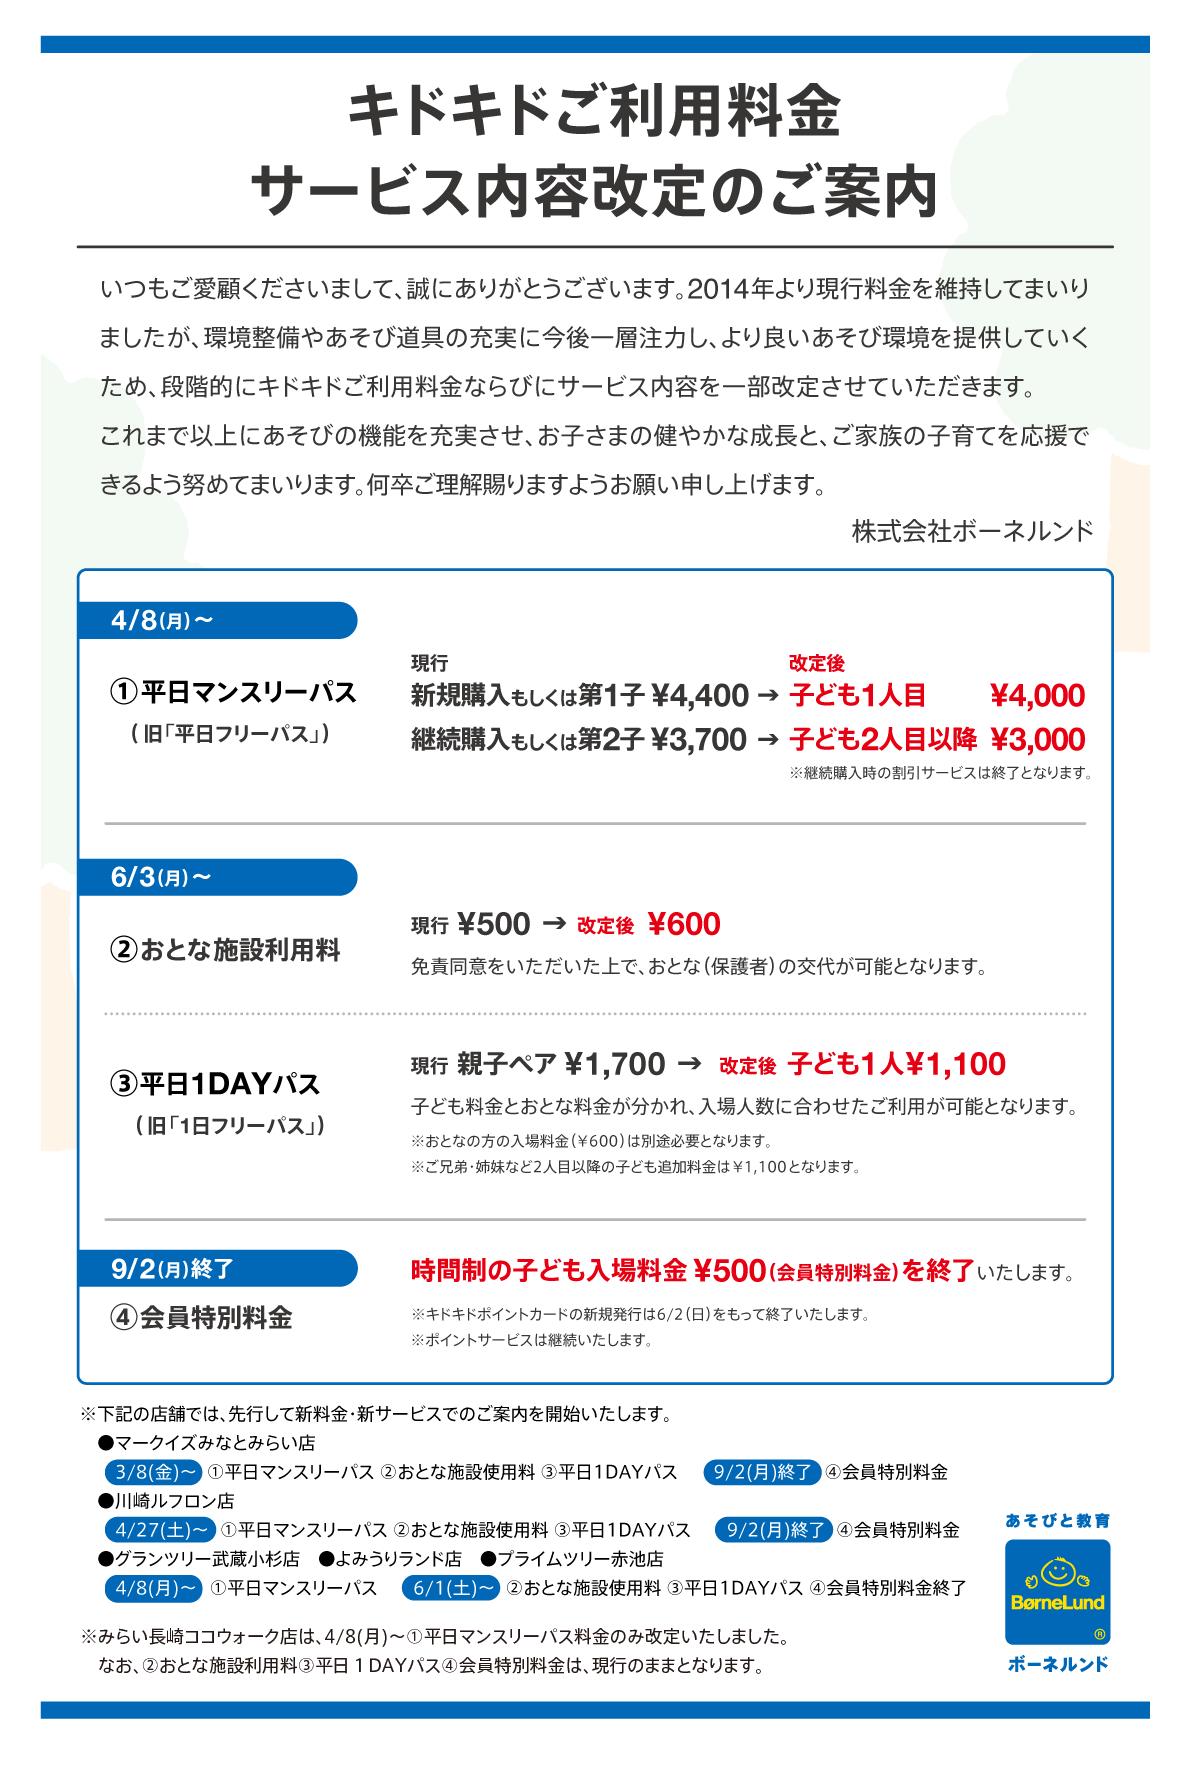 キドキドご利用料金サービス内容改定のお知らせ